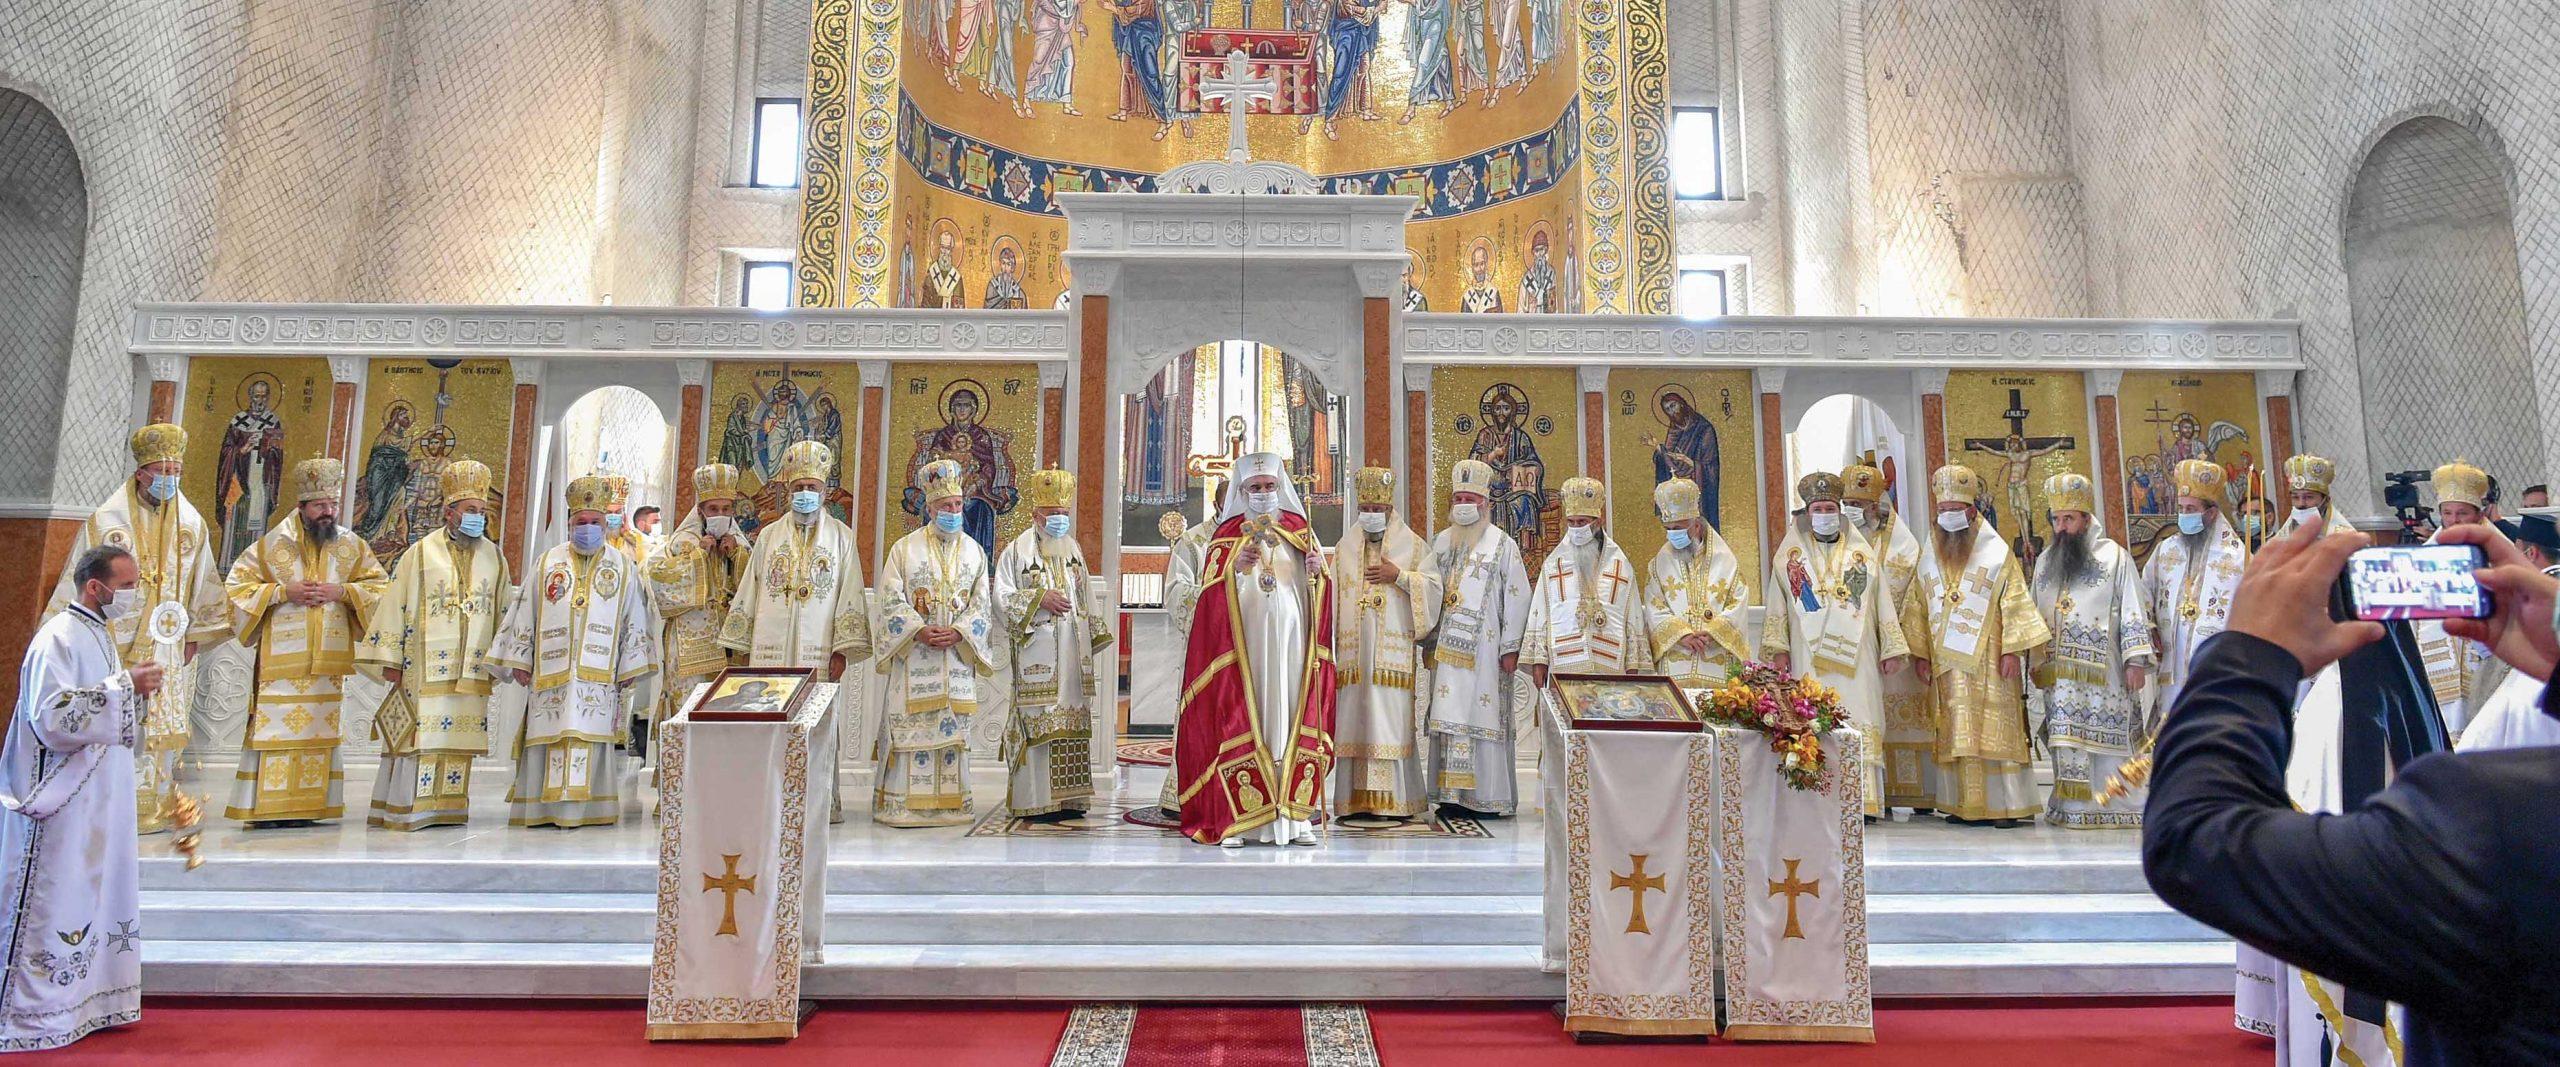 O mare făclie de Înviere  a fost sfinţită la Oradea: noua Catedrală Episcopală ortodoxă